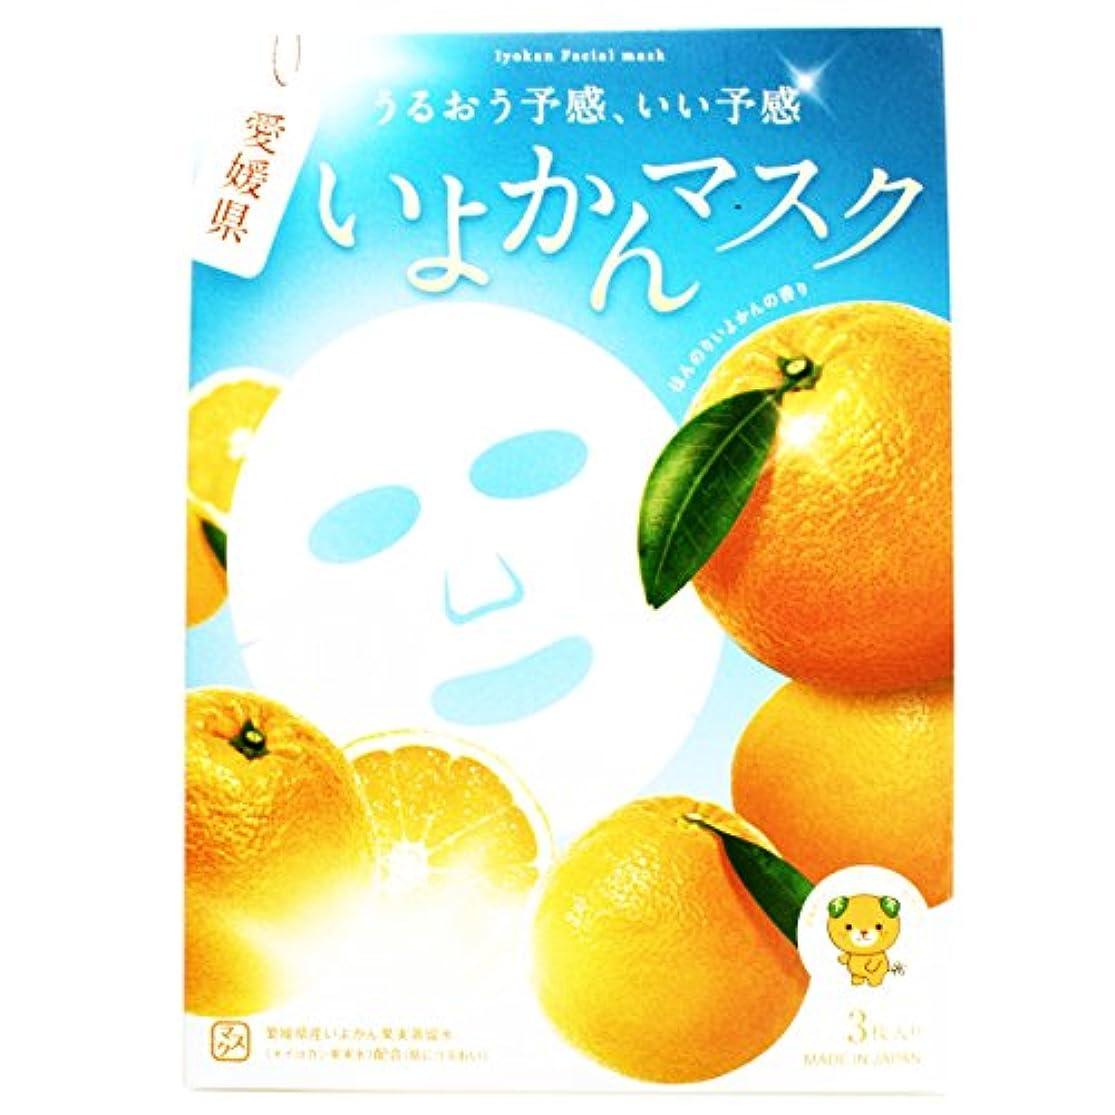 書誌マージン追放する愛媛県 いよかんマスク 3枚入り